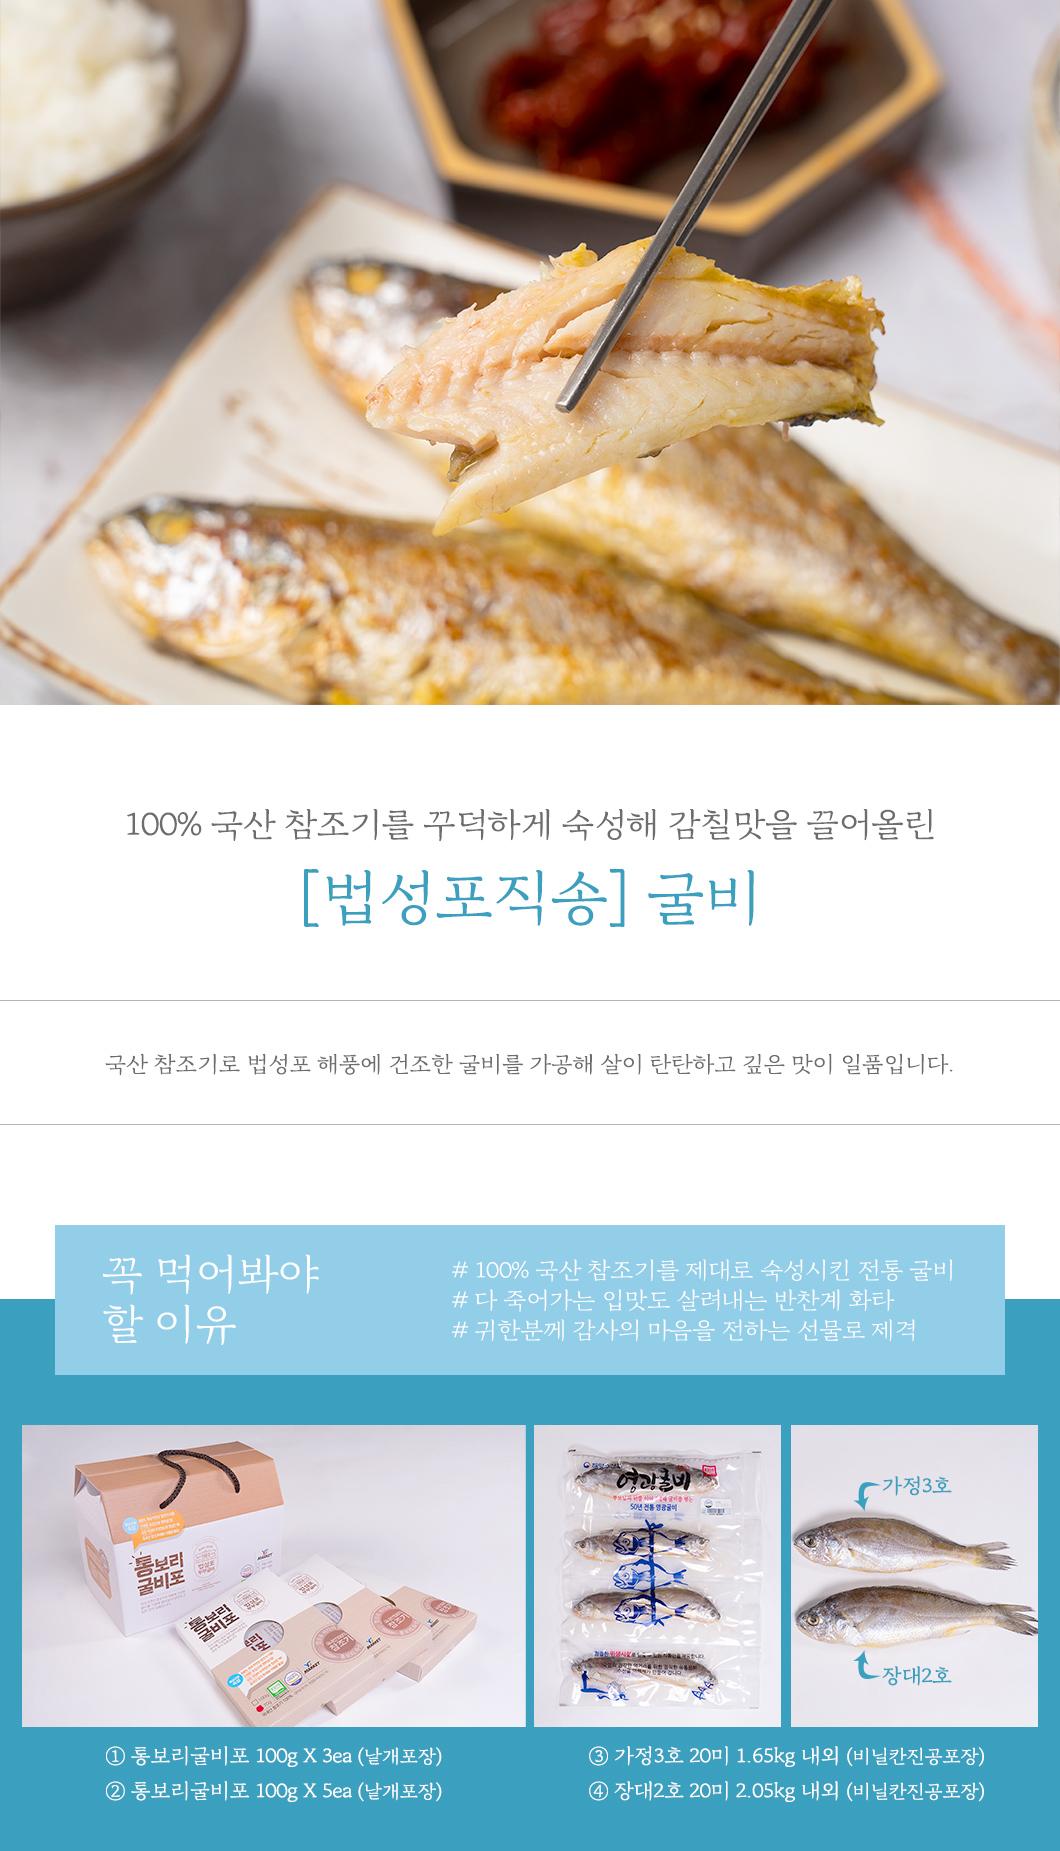 0917_법성포굴비_상세이미지_01.jpg